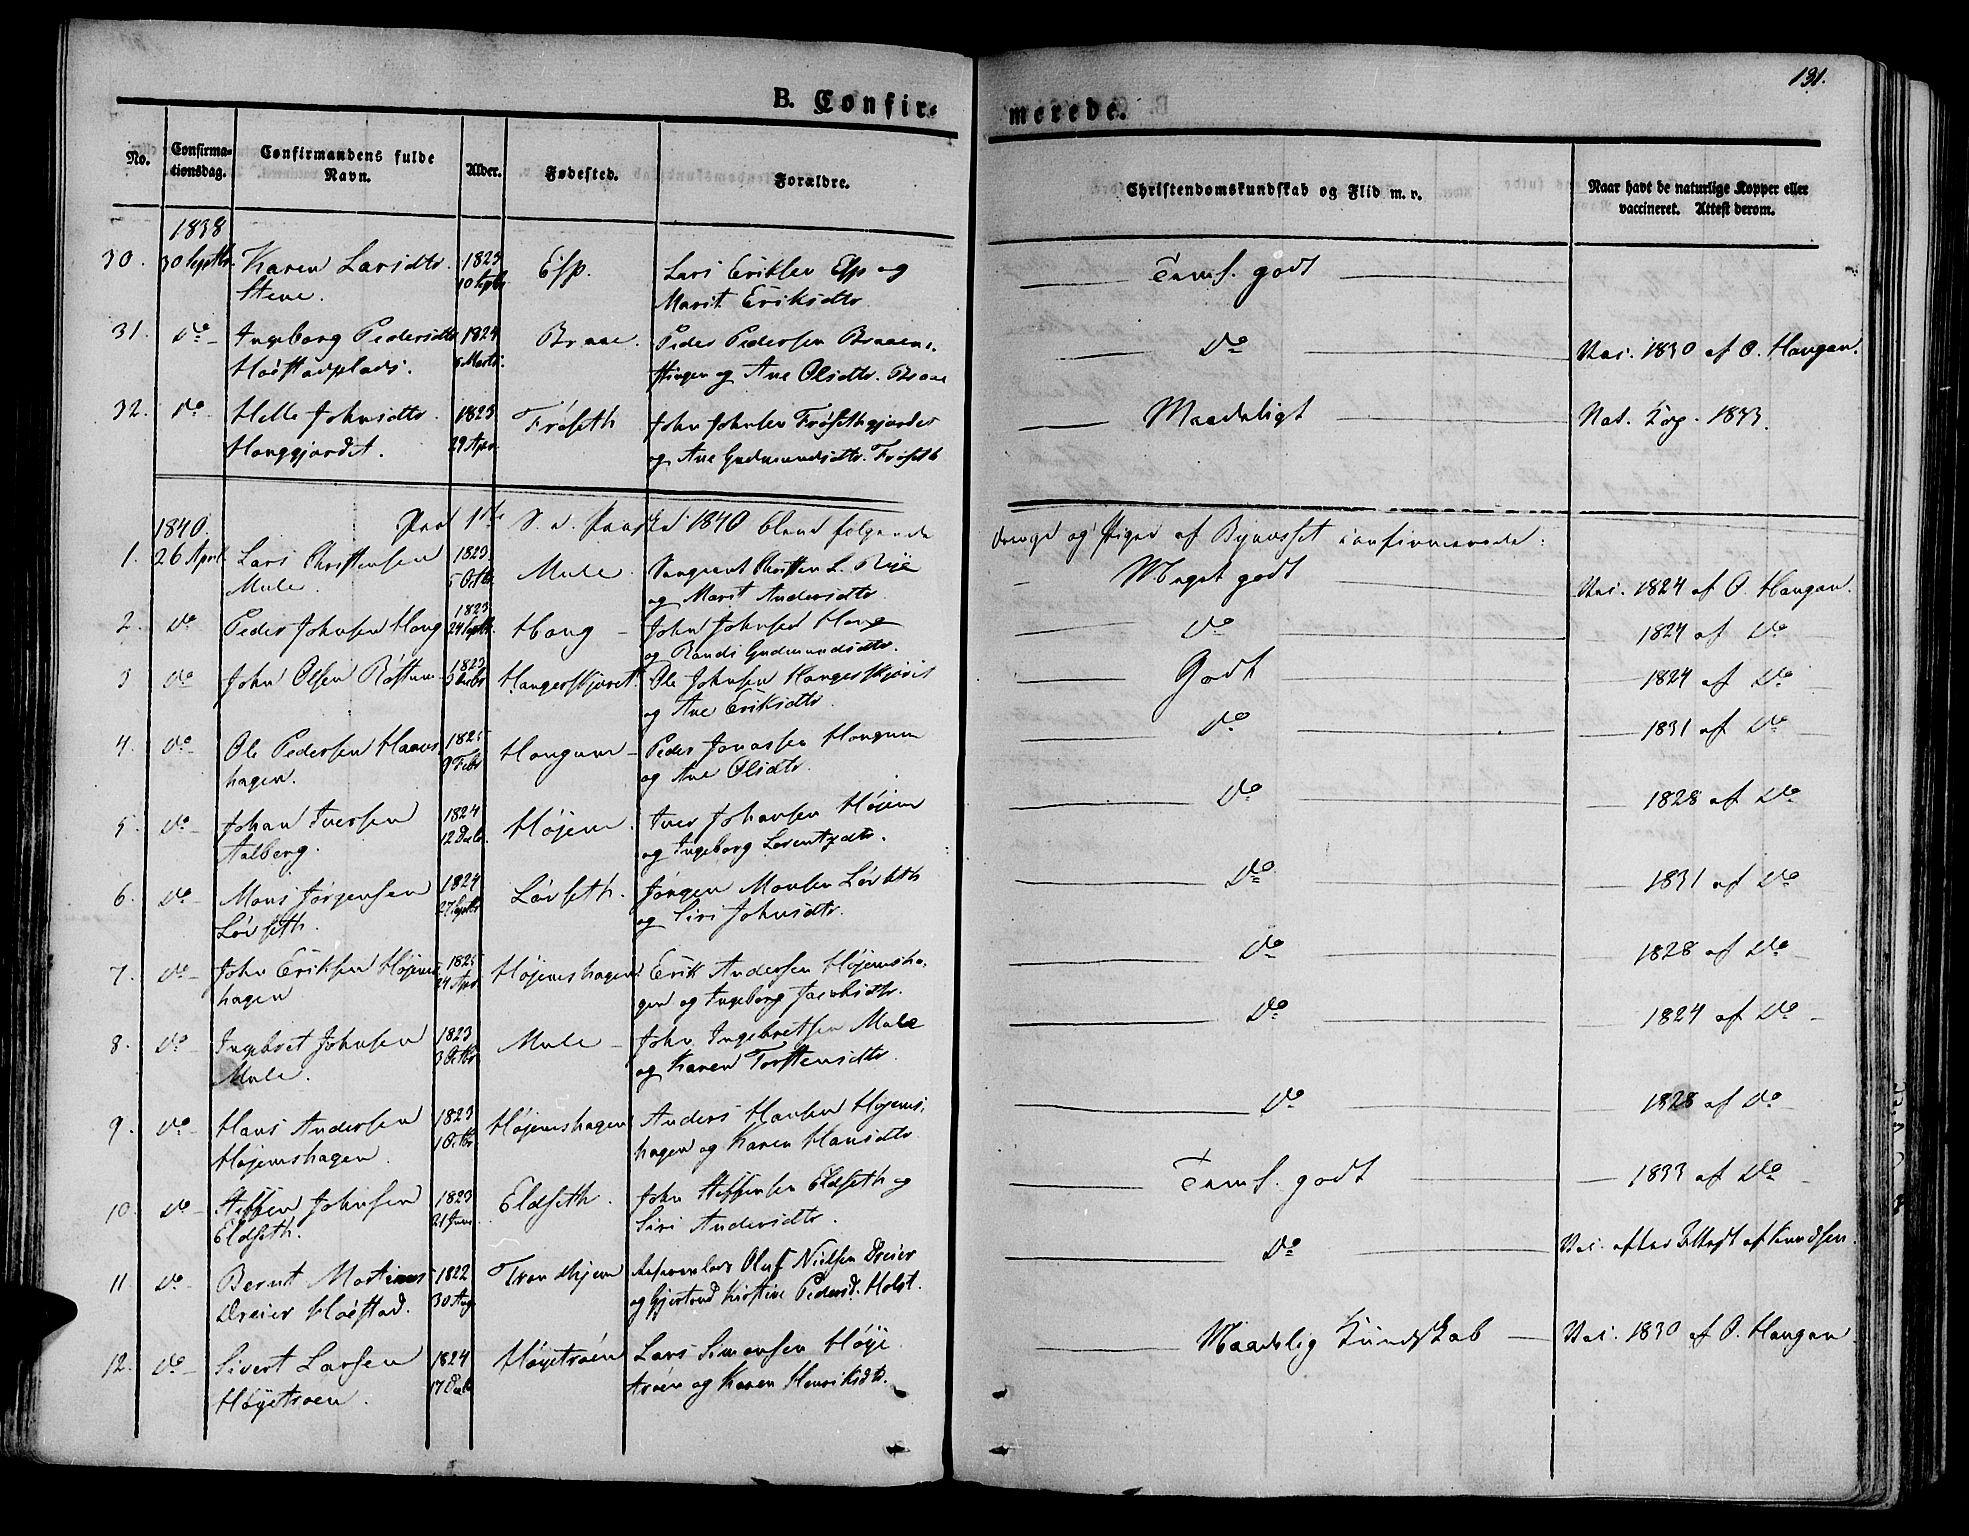 SAT, Ministerialprotokoller, klokkerbøker og fødselsregistre - Sør-Trøndelag, 612/L0374: Ministerialbok nr. 612A07 /1, 1829-1845, s. 131